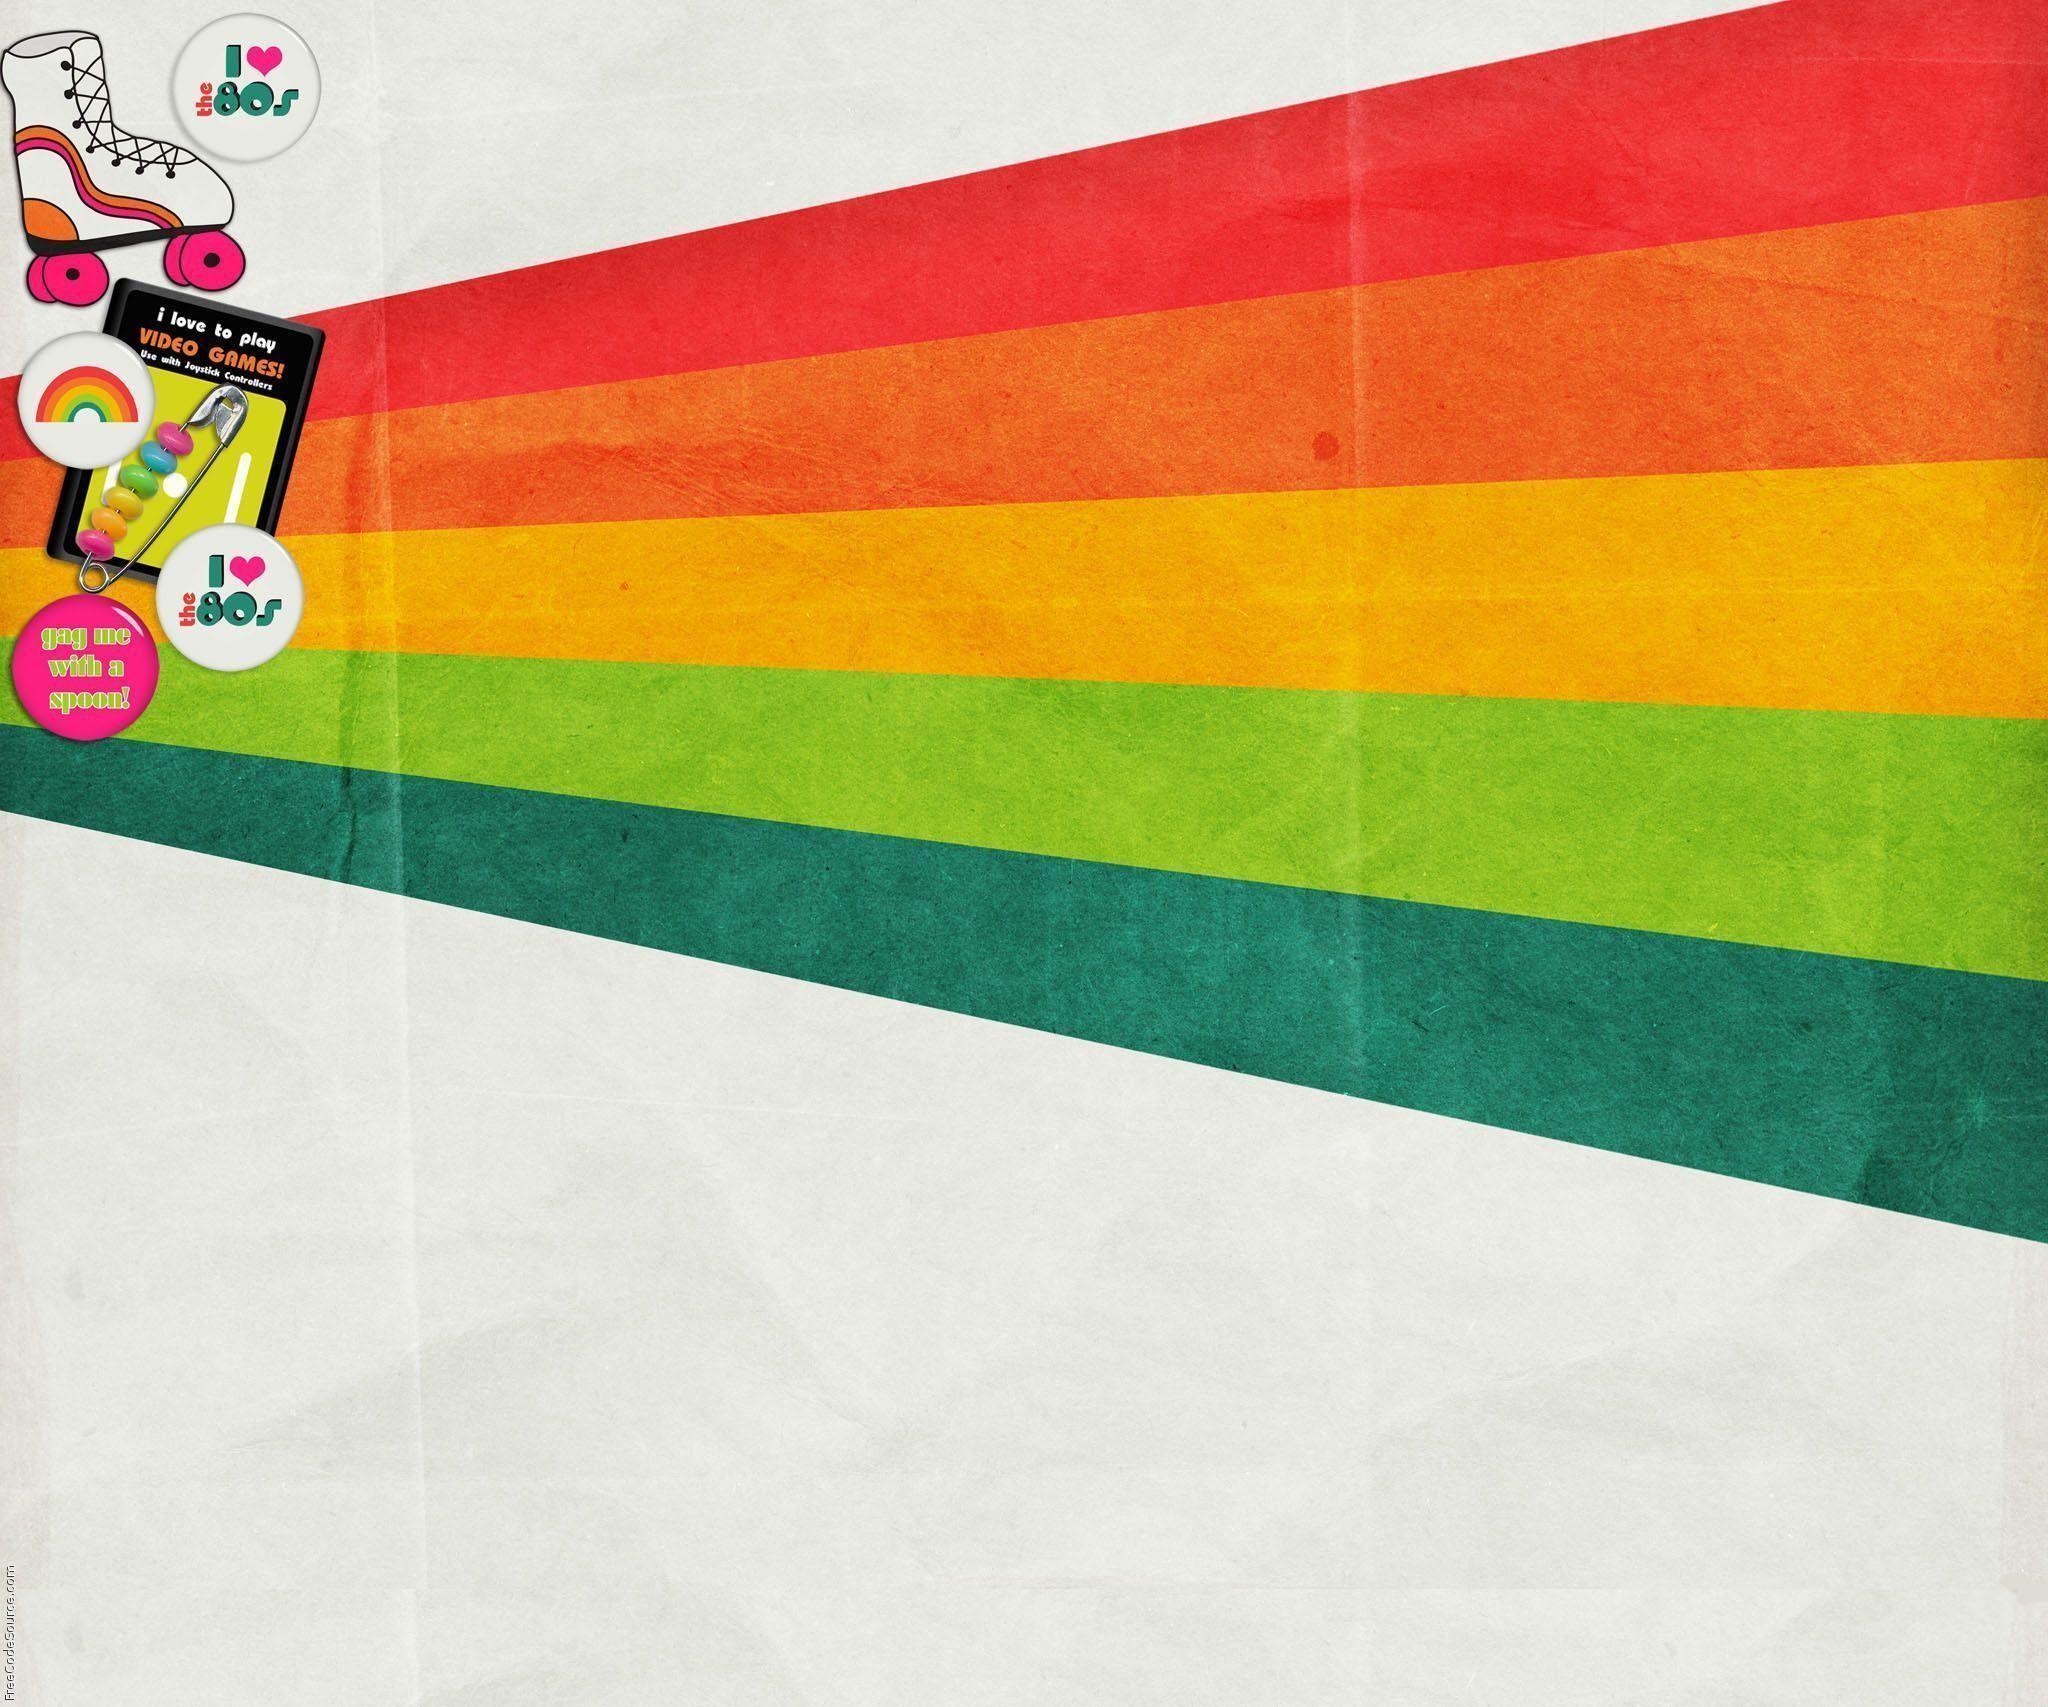 Retro 80s Wallpaper .